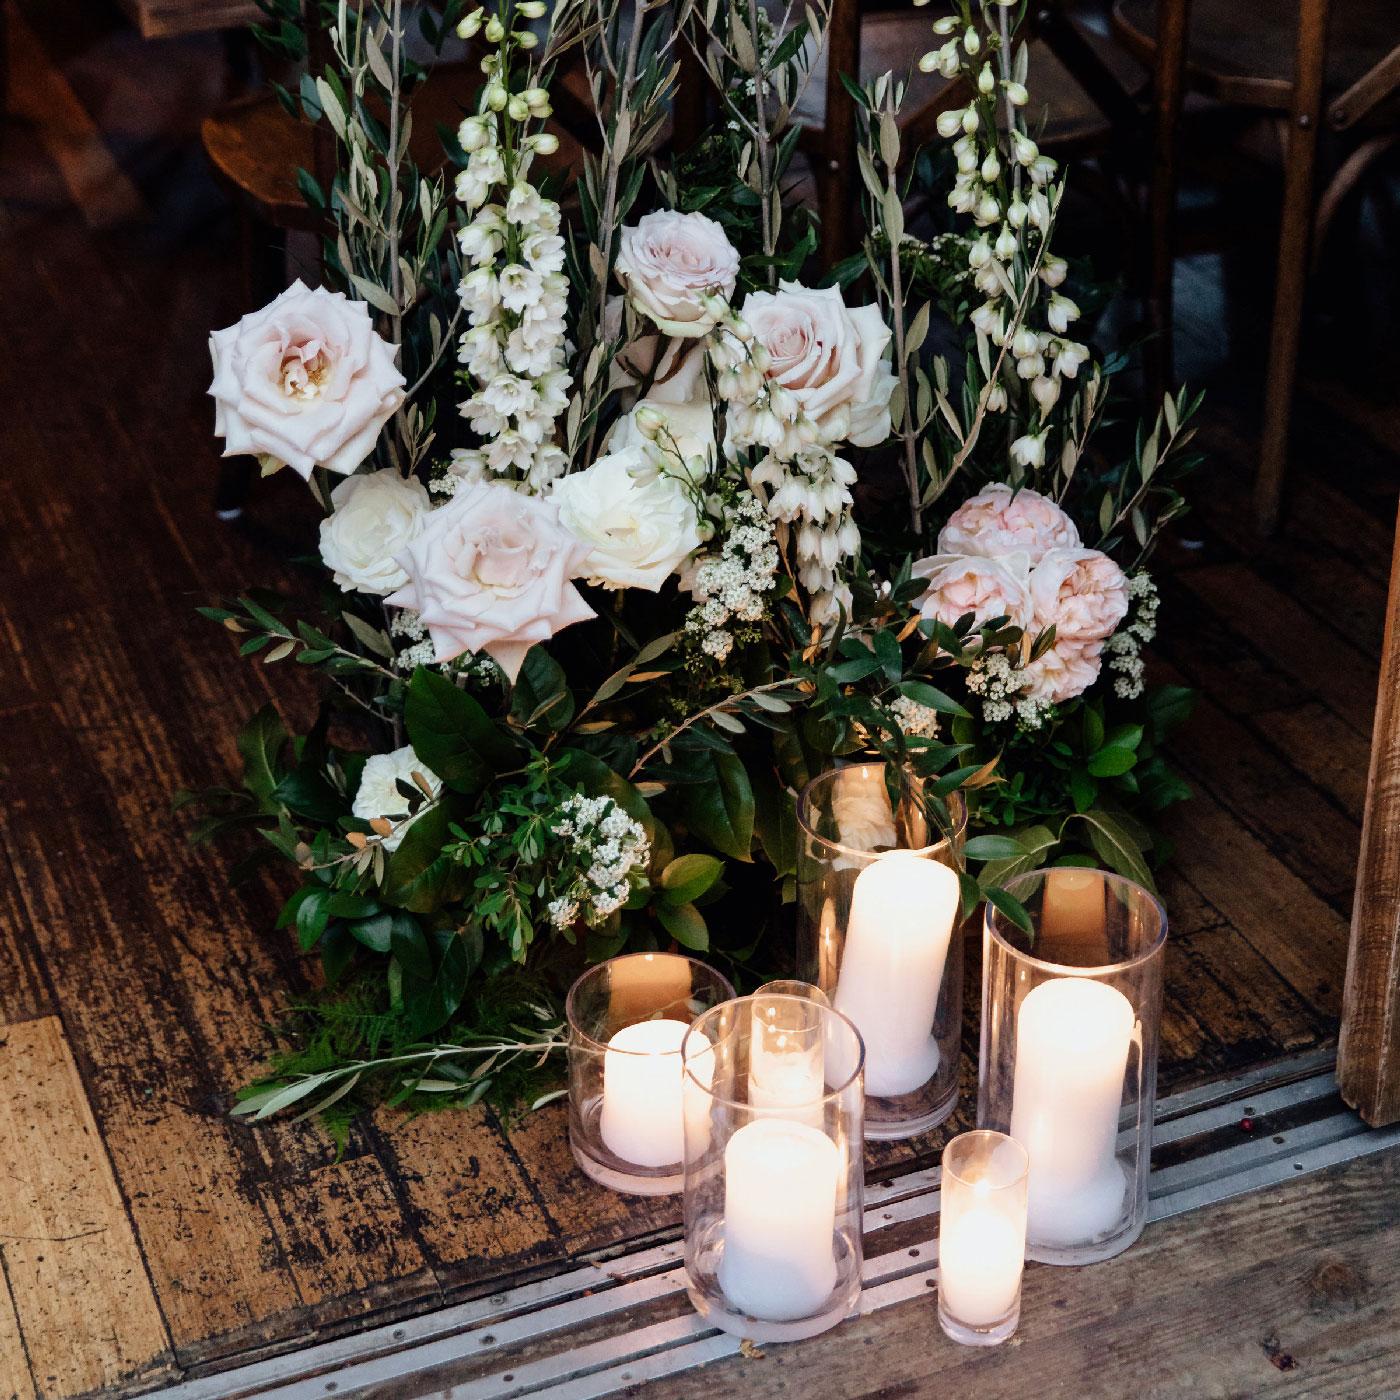 A+K_carondelet-los-angeles-wedding-marble-rye-photography-firstlook-details-046.jpg